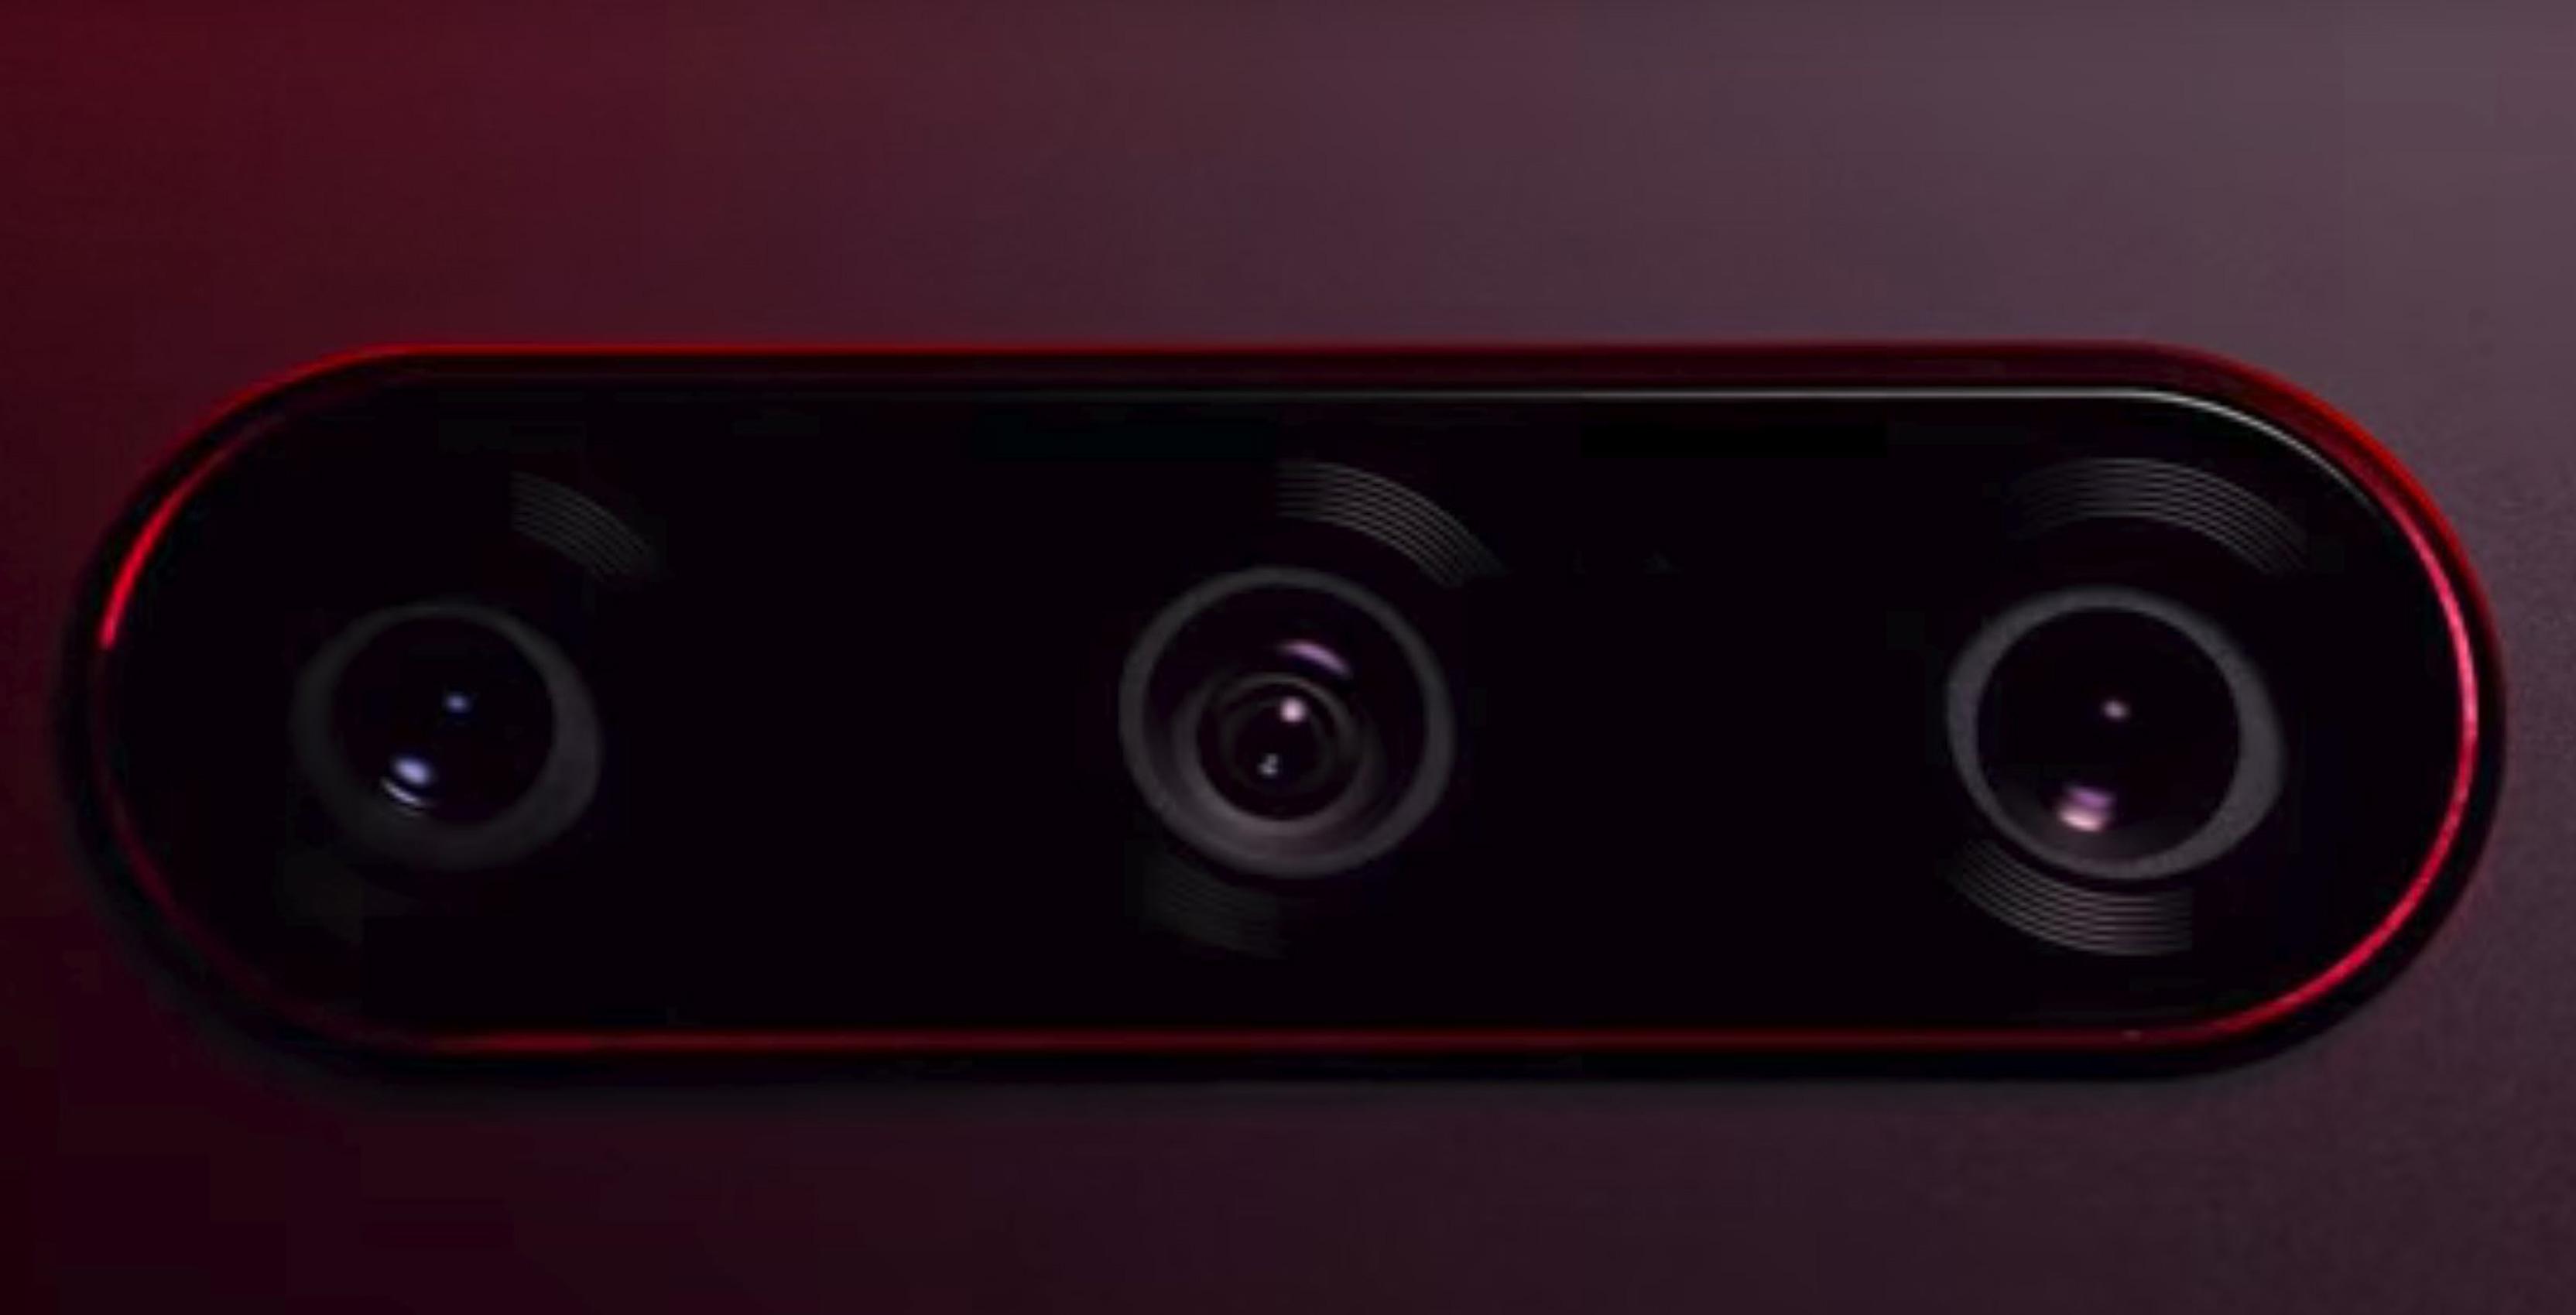 LG V40 triple rear cameras